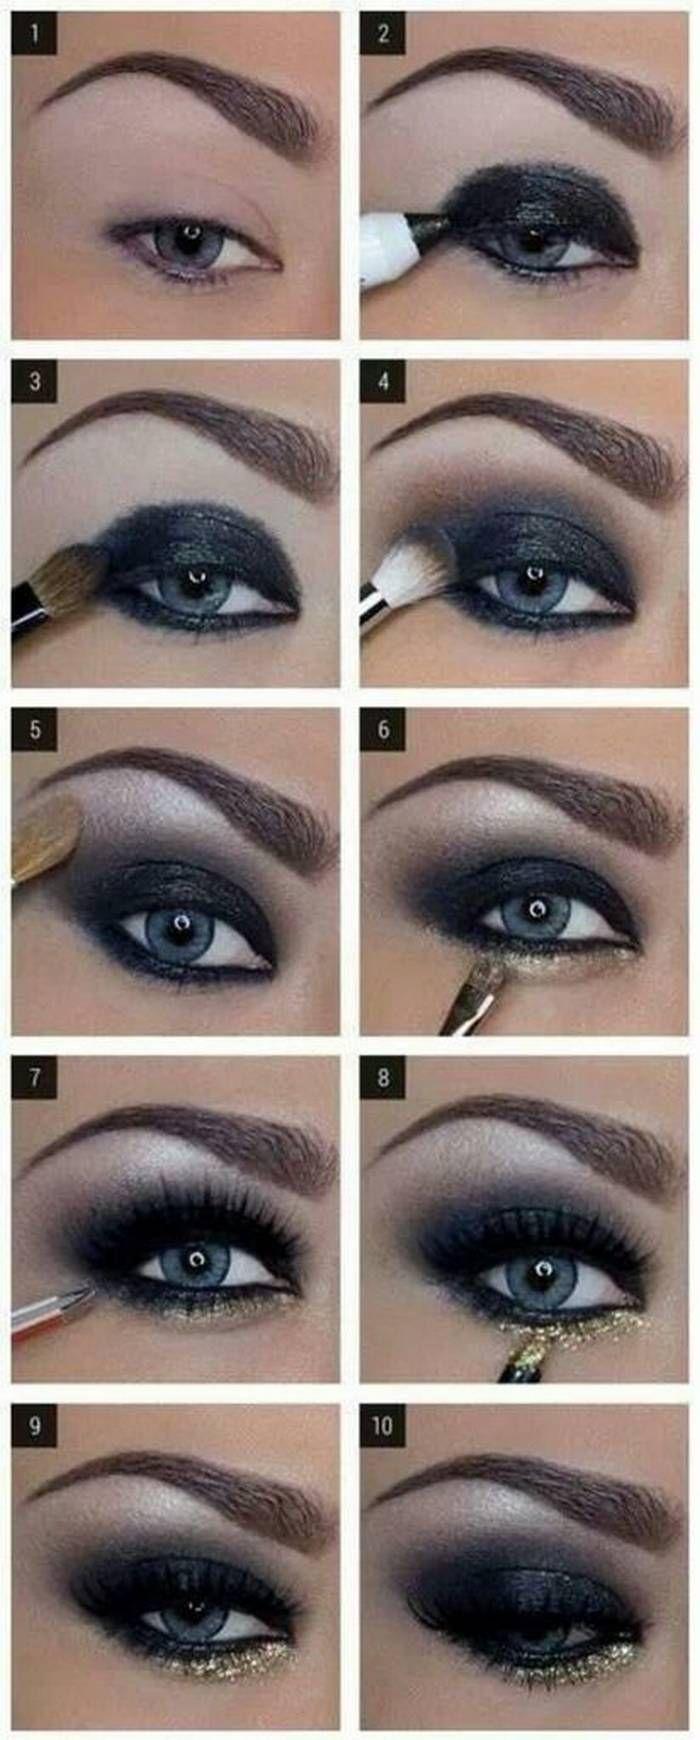 Fotos de moda   20 increíbles tutoriales de maquillaje de ojos.   http://soymoda.net